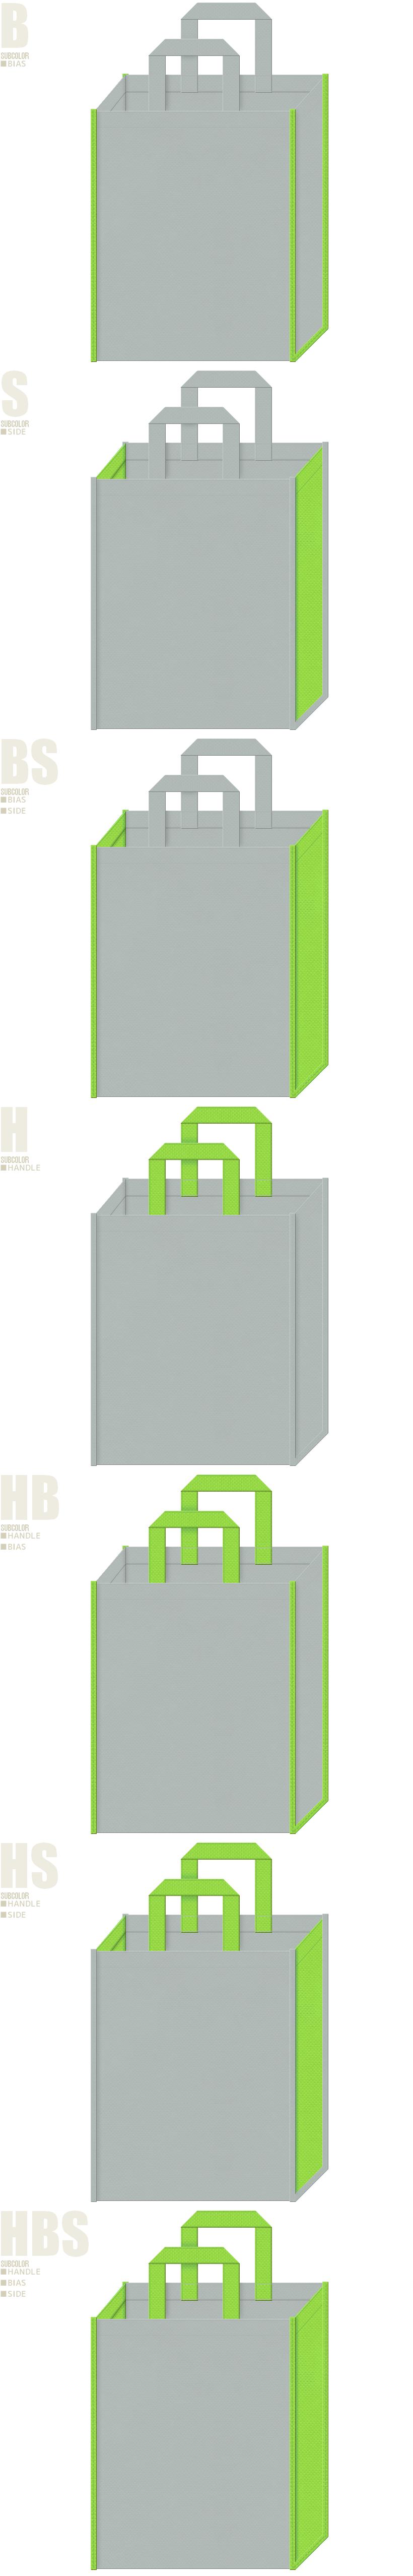 グレー色と黄緑色-7パターンの不織布トートバッグ配色デザイン例。屋上緑化・壁面緑化のセミナー、展示会用バッグにお奨めです。